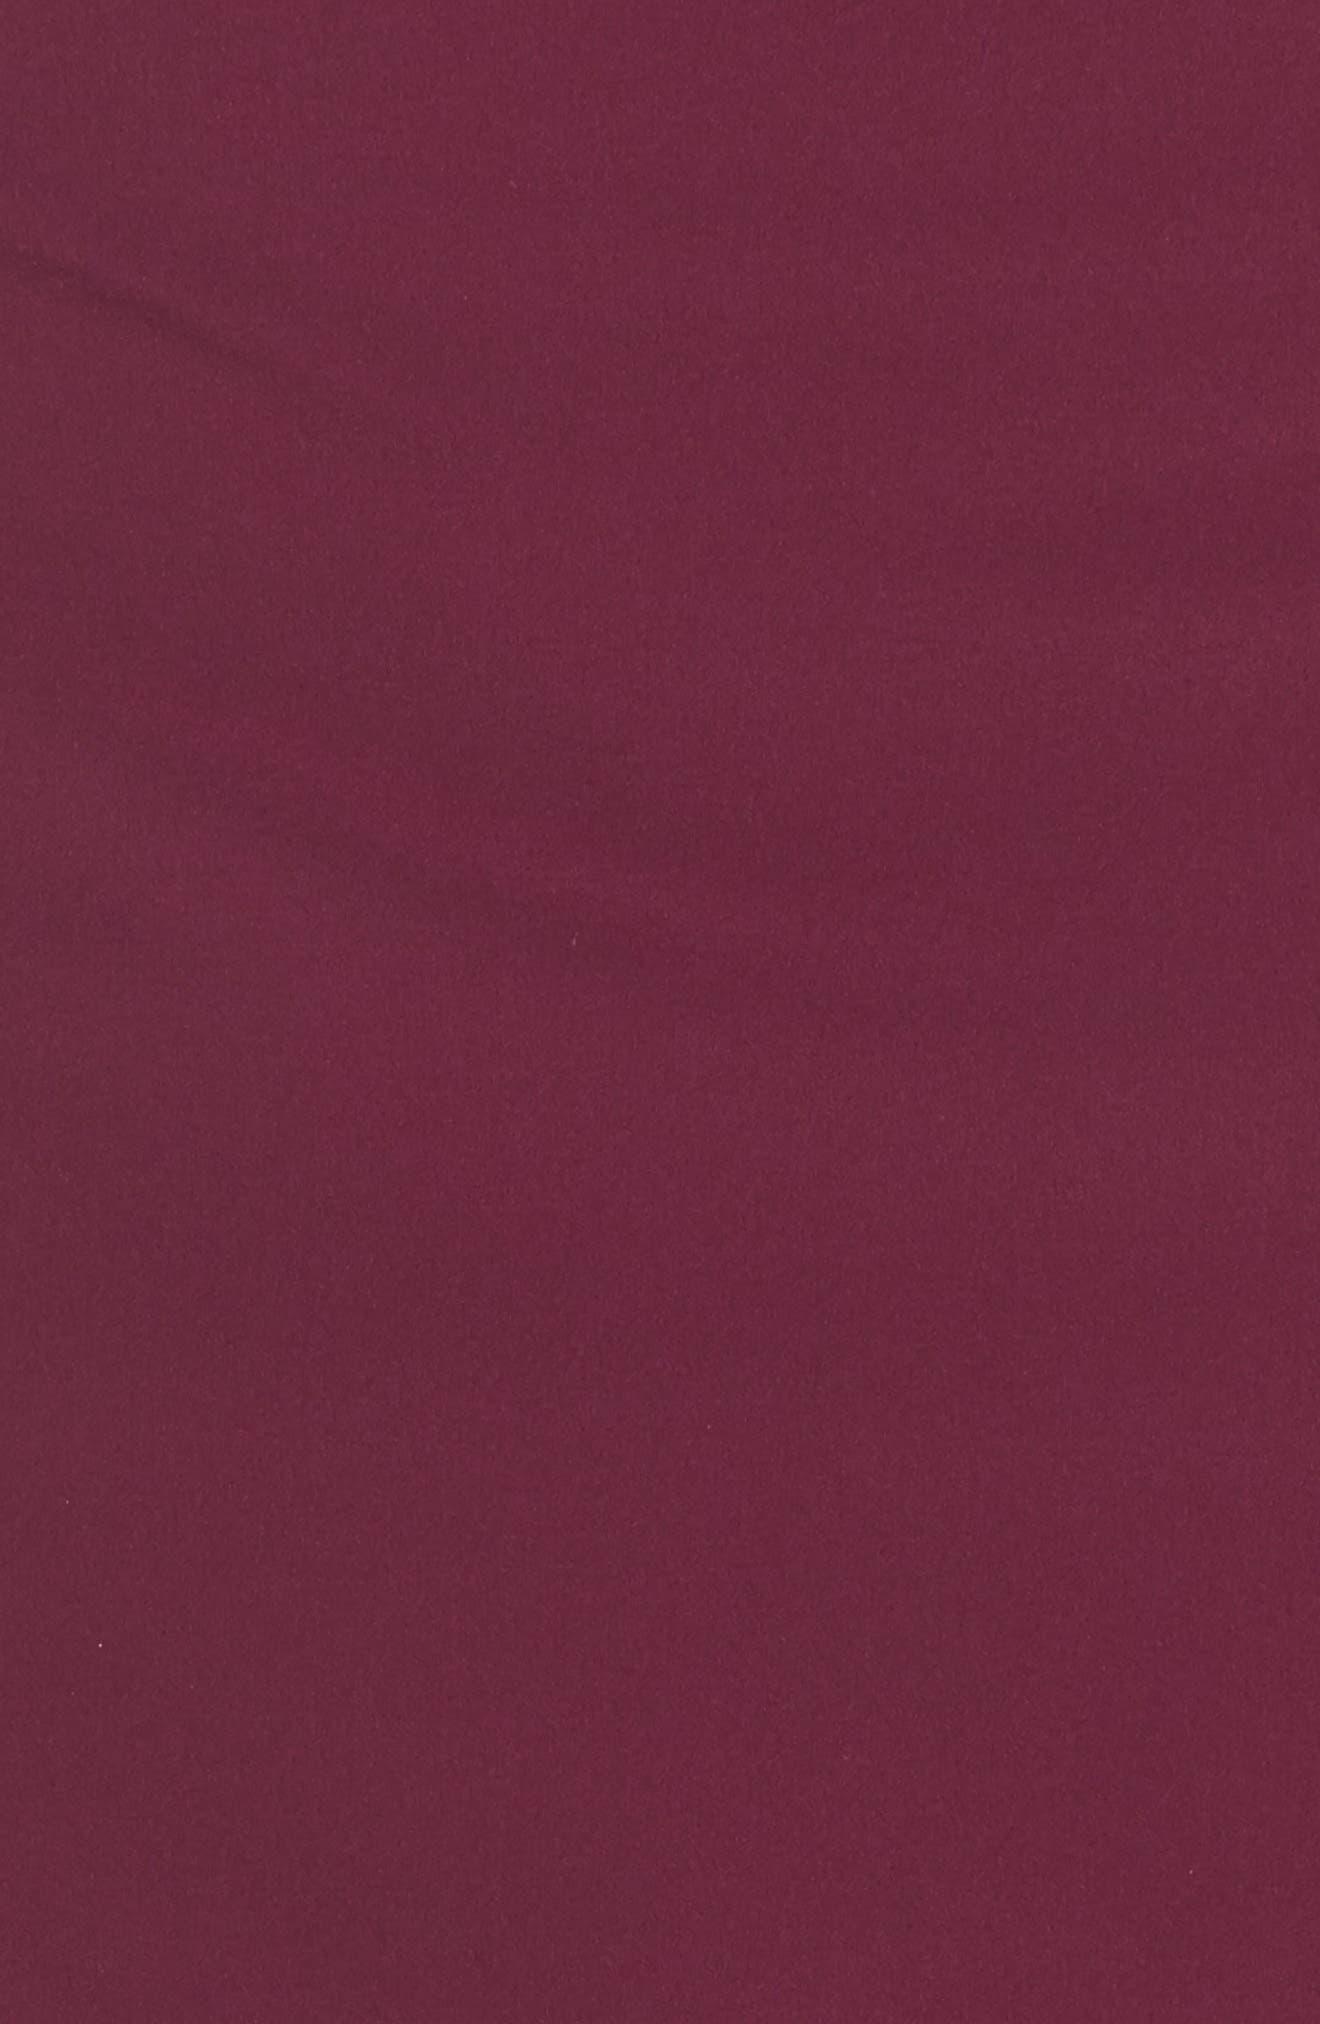 Flex Tennis Skirt,                             Alternate thumbnail 6, color,                             930